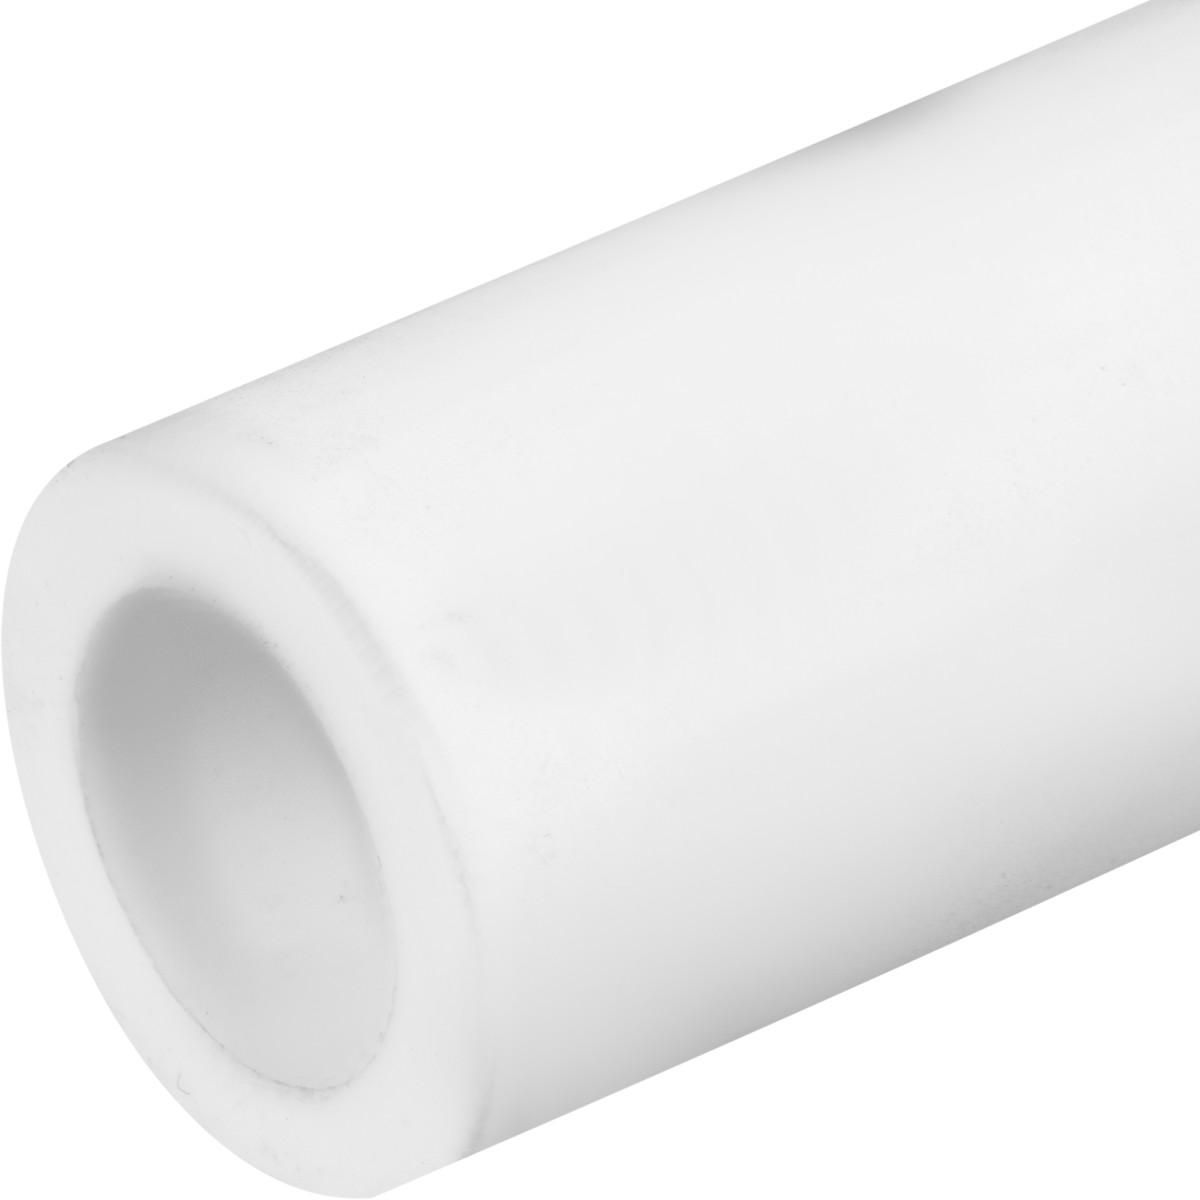 Компенсатор ⌀25 мм полипропилен